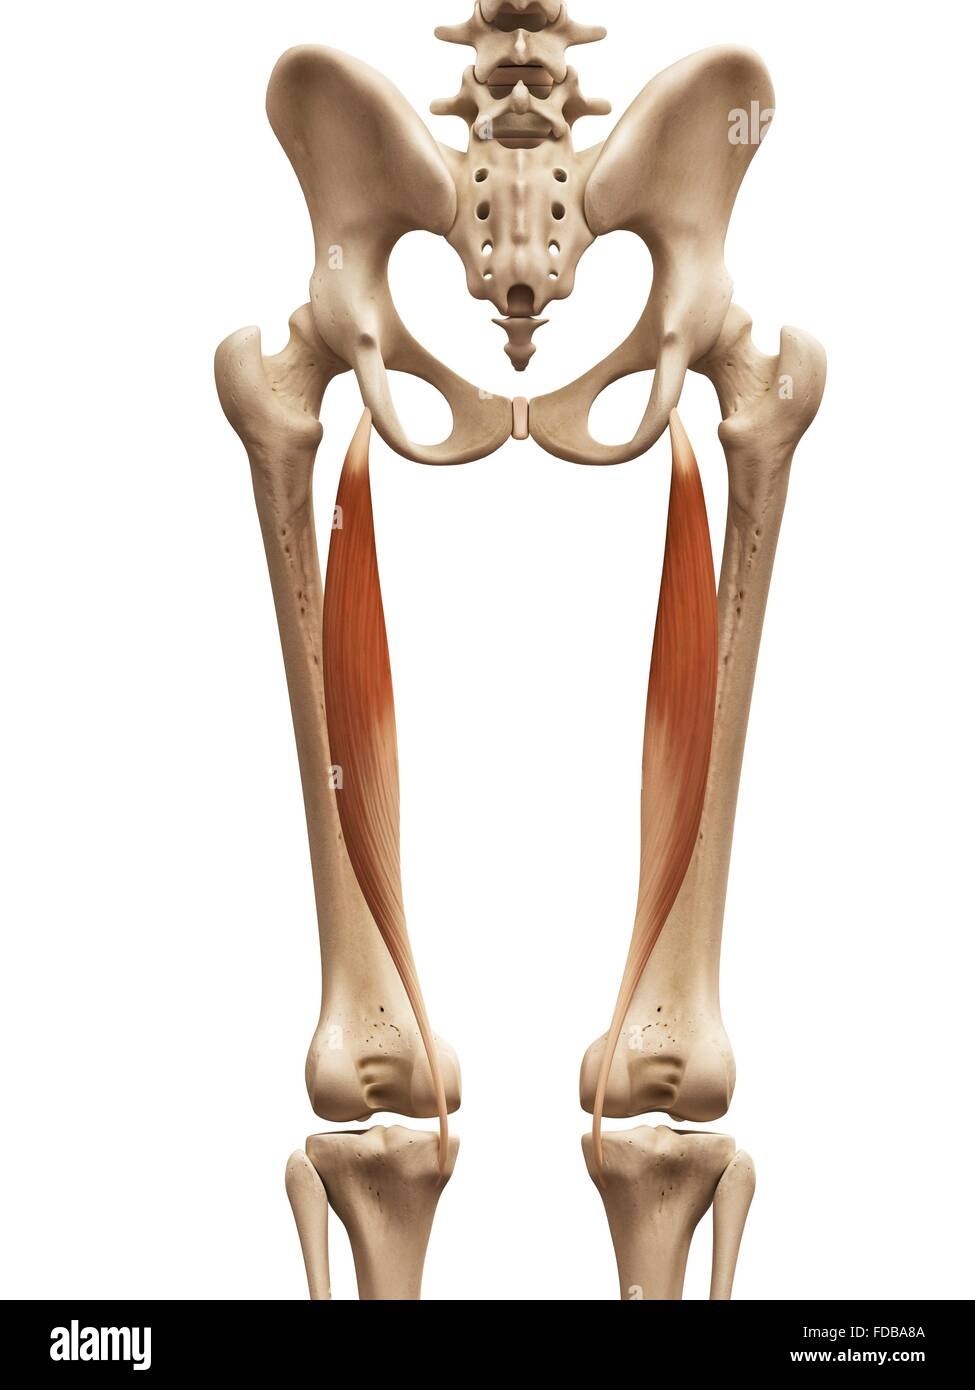 Großartig Was Sind Die Beinmuskeln Galerie - Menschliche Anatomie ...